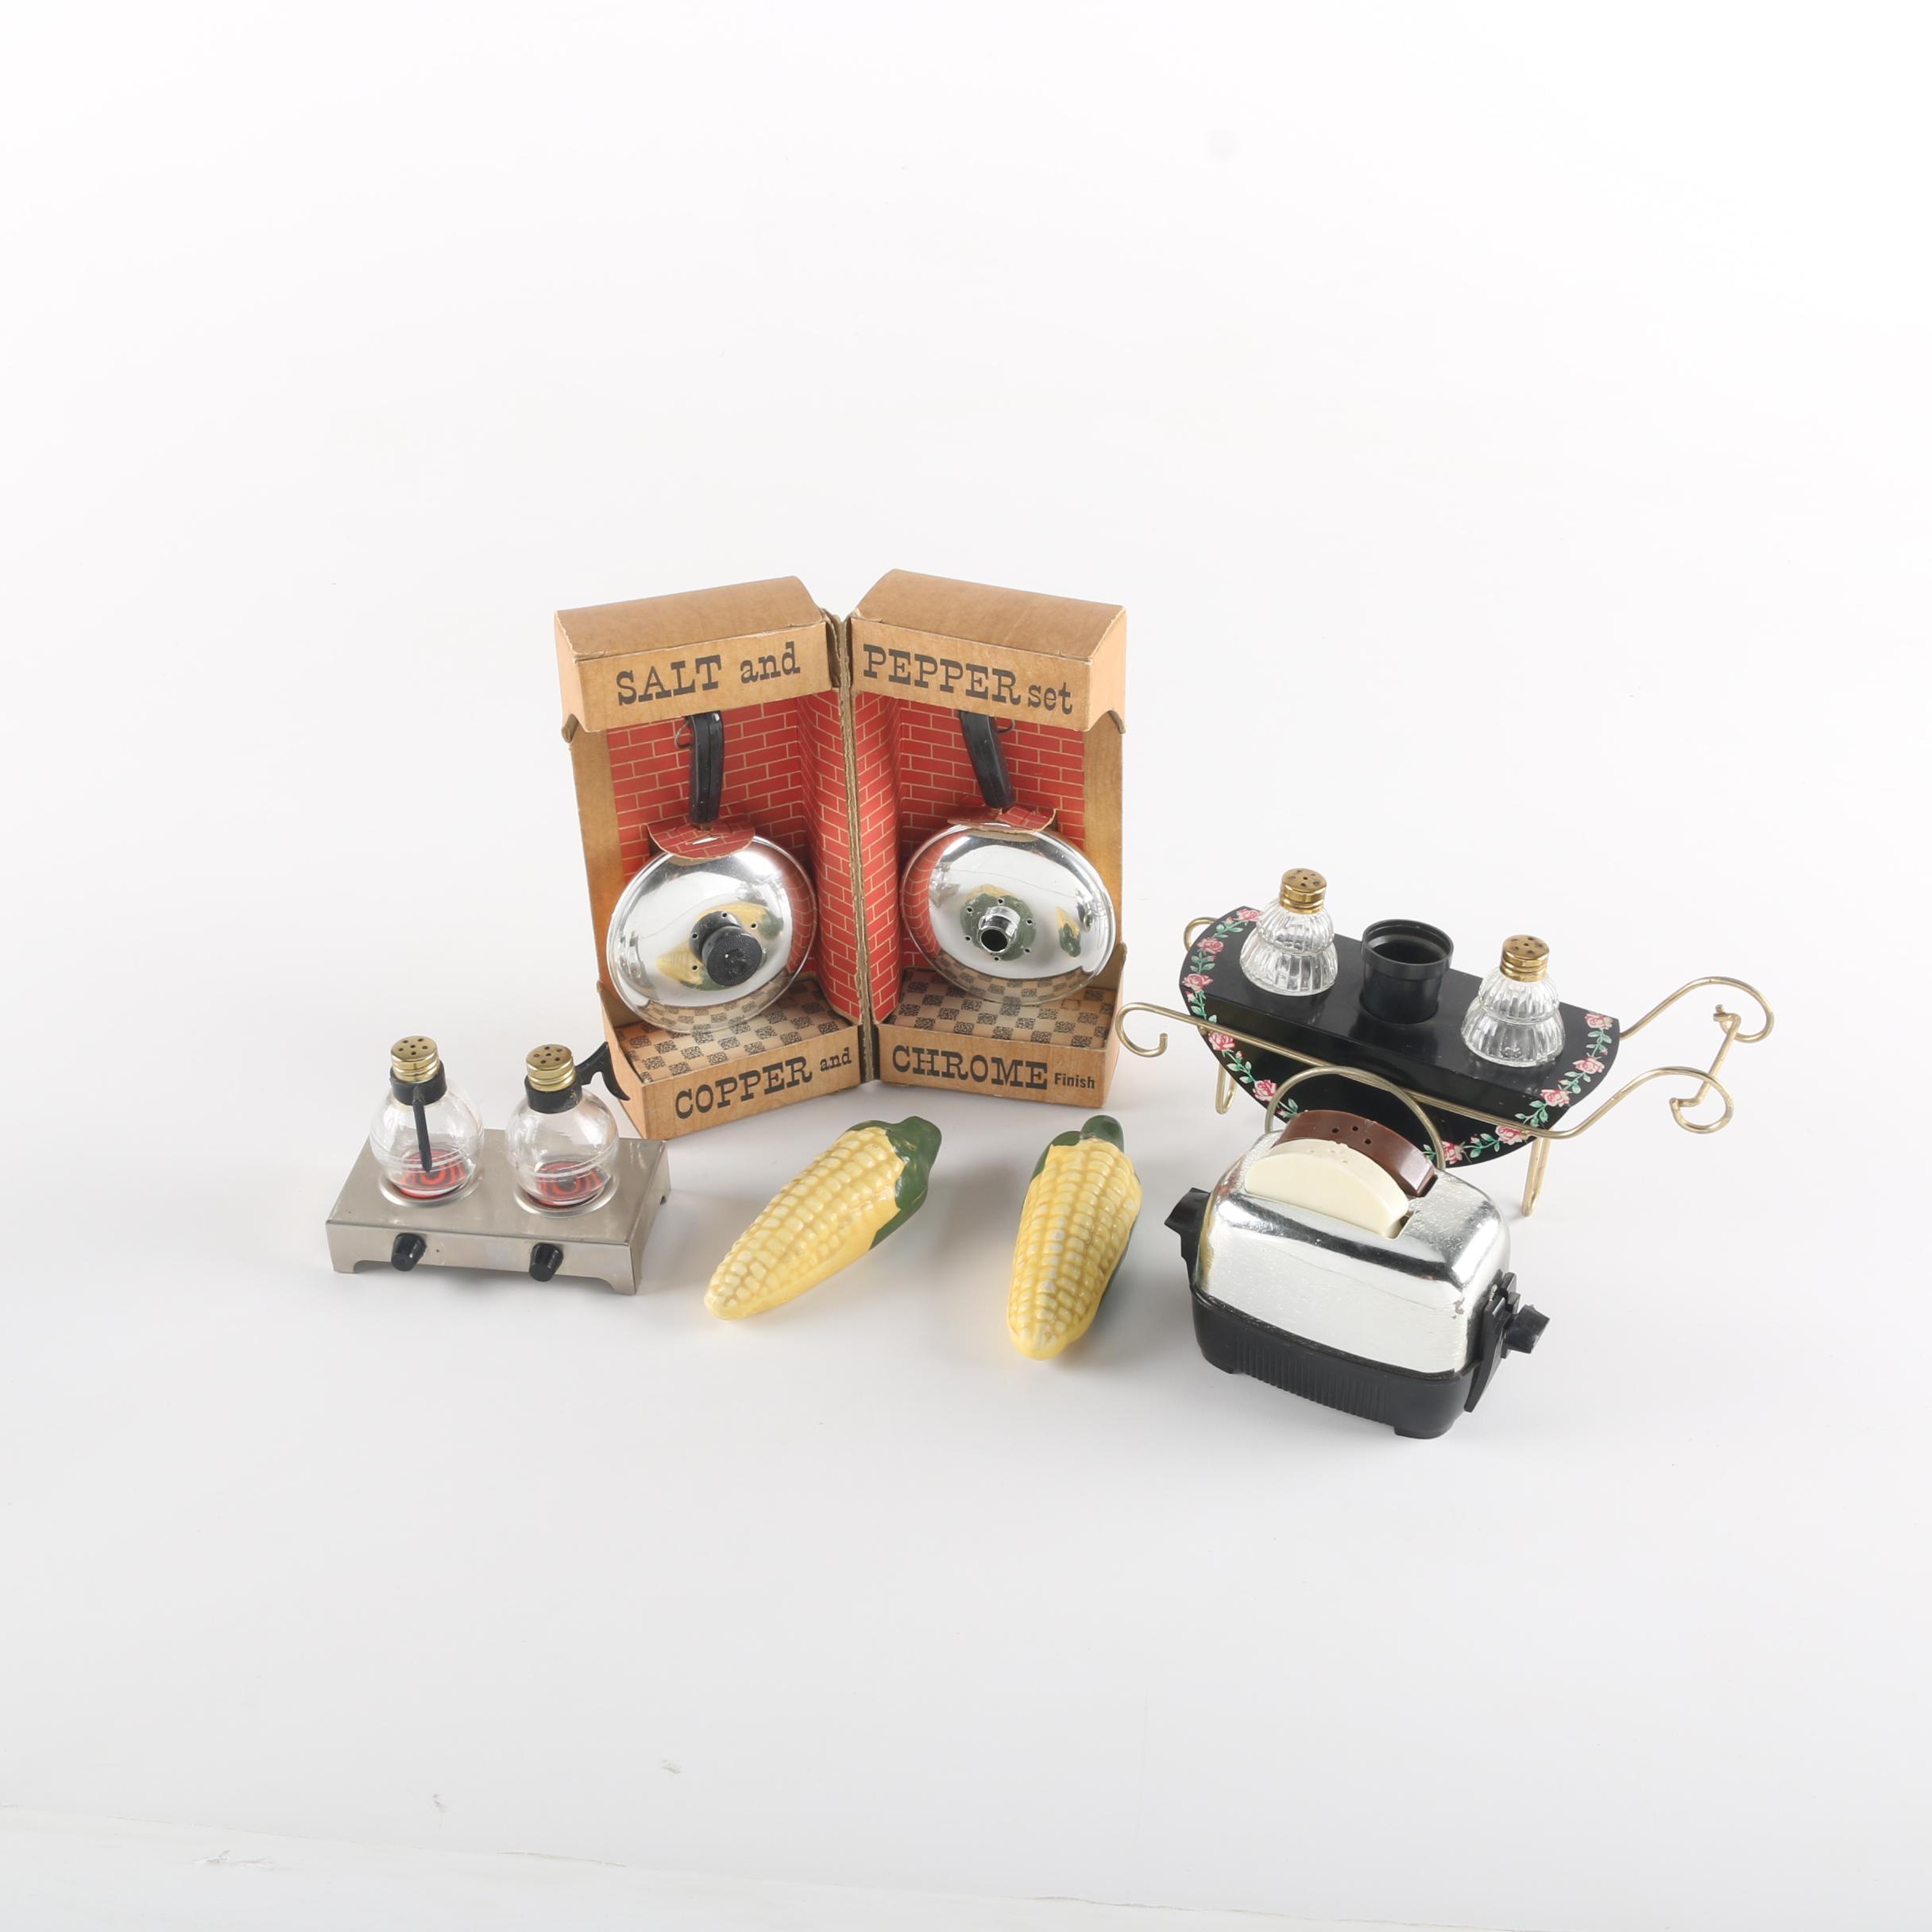 Collection of Vintage Salt and Pepper Shaker Sets